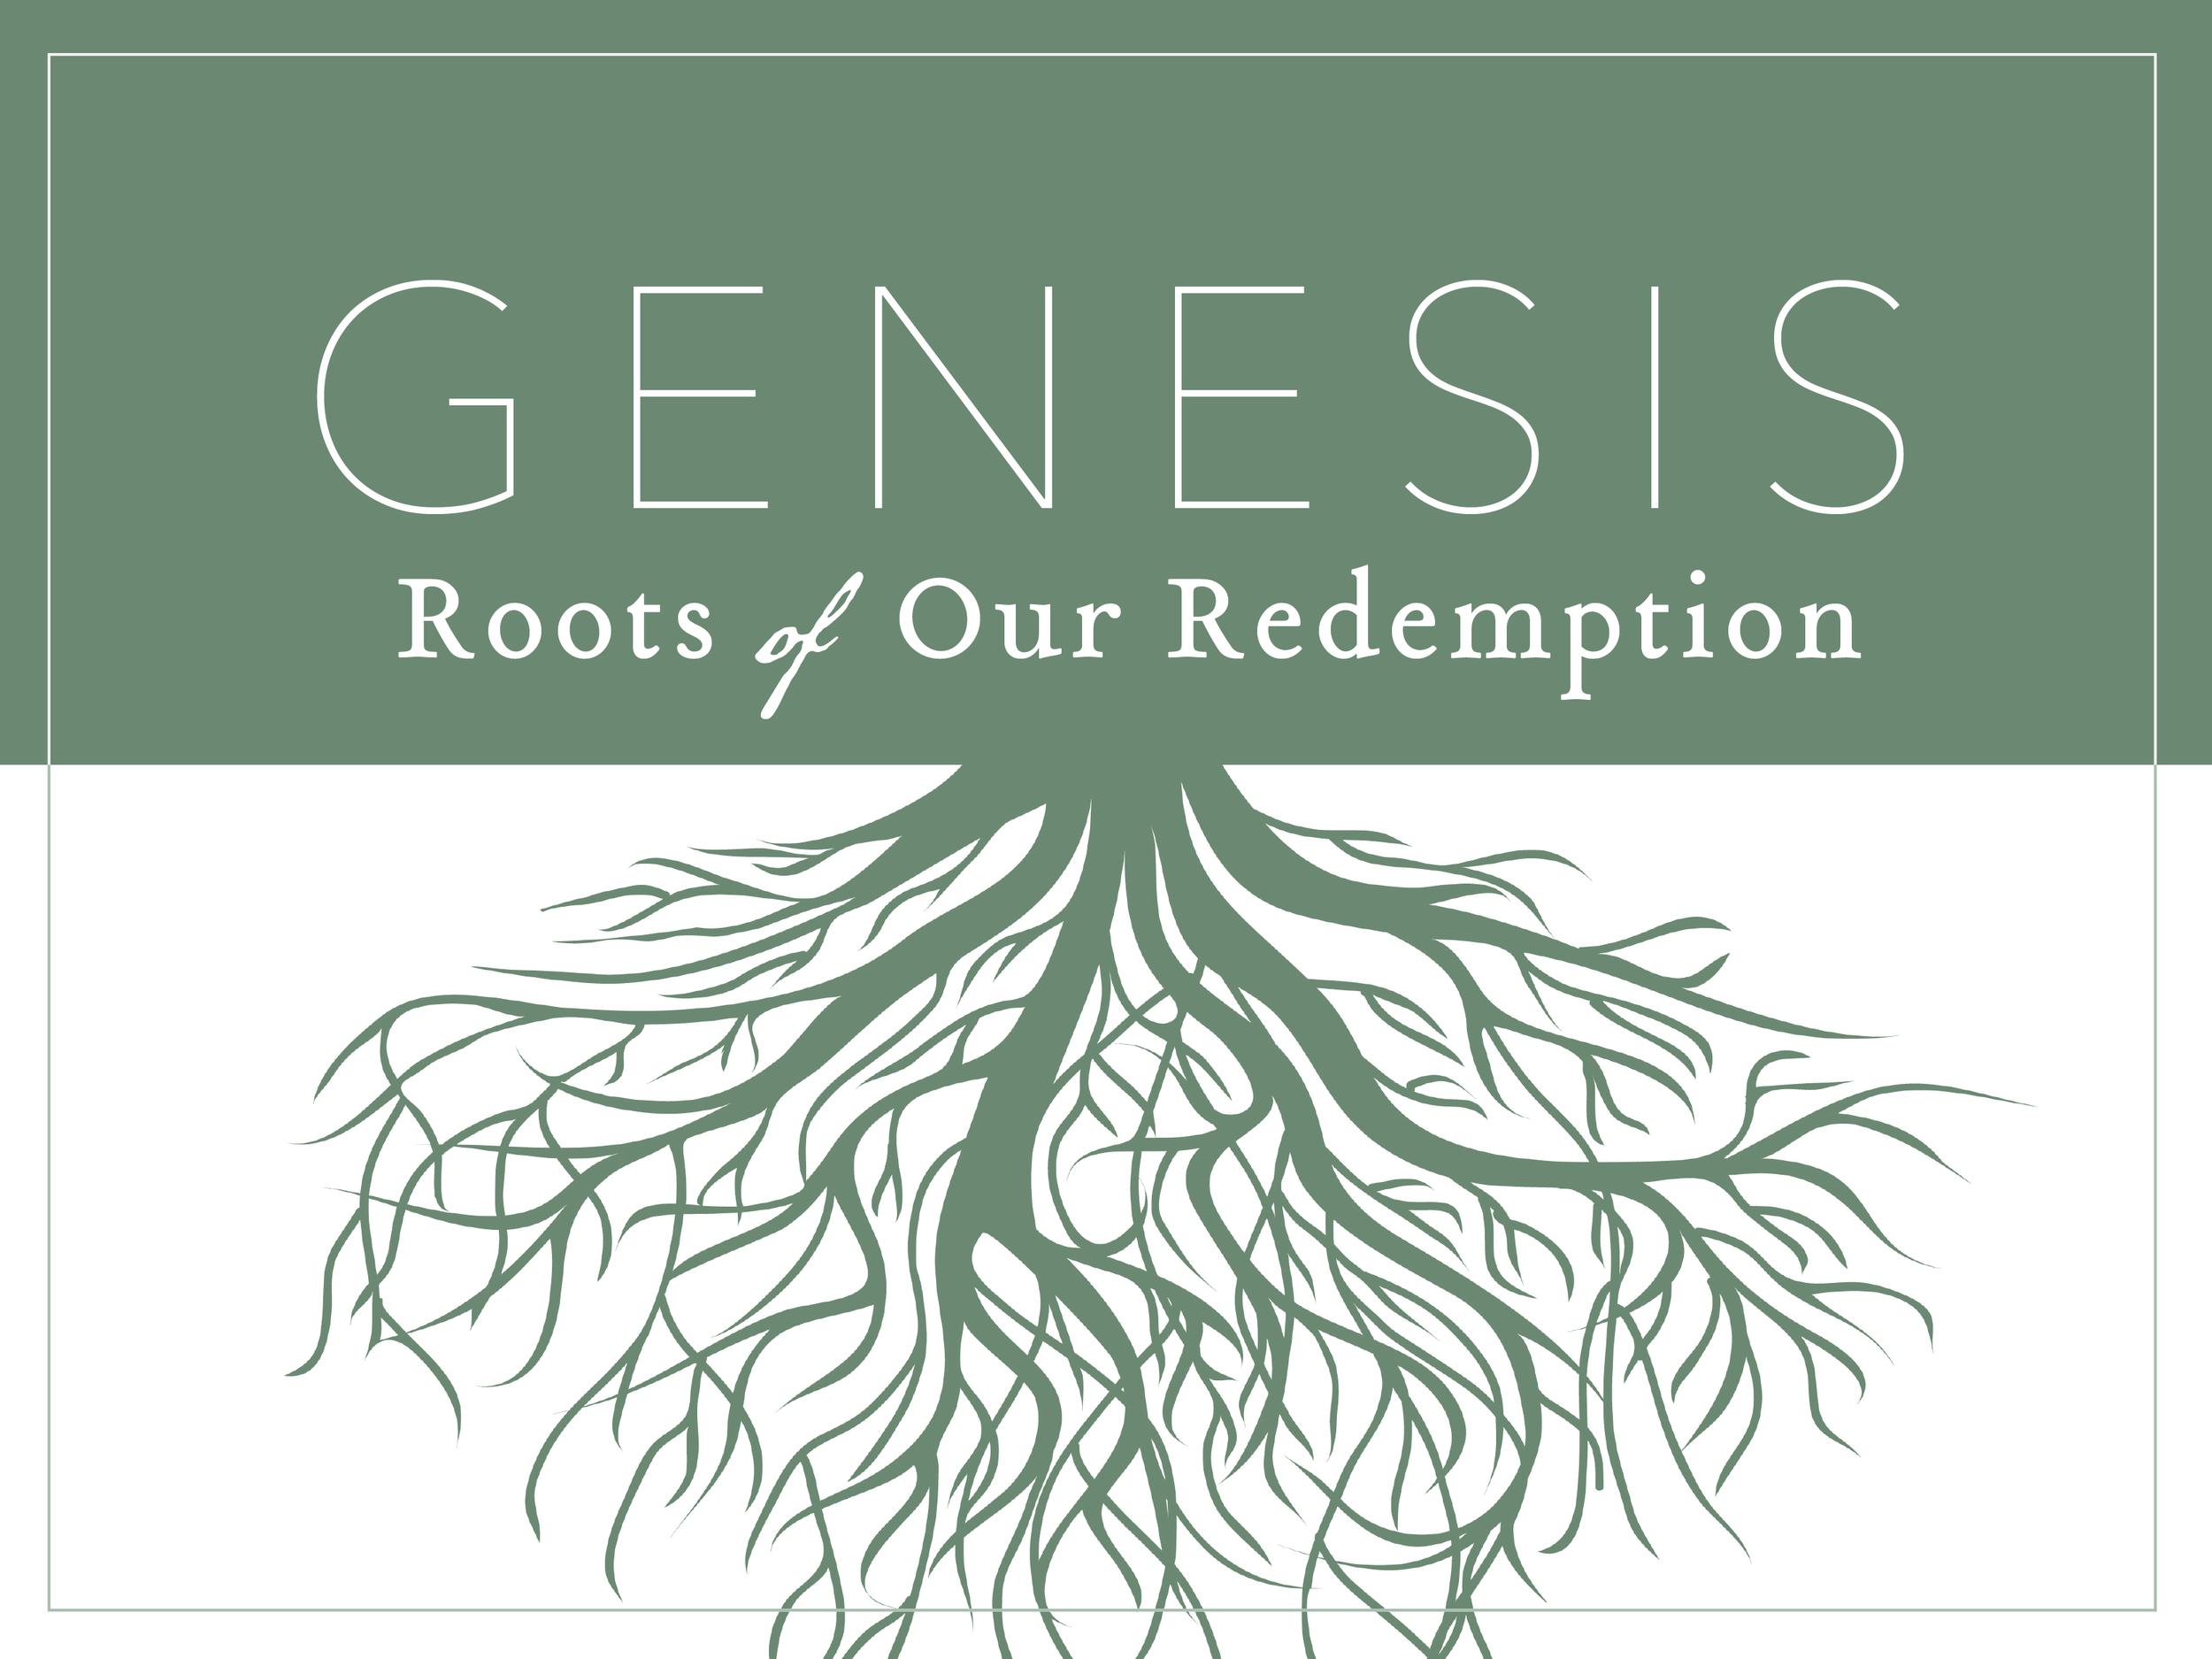 Genesis_Roots-Series_Title Slide 1 copy.png